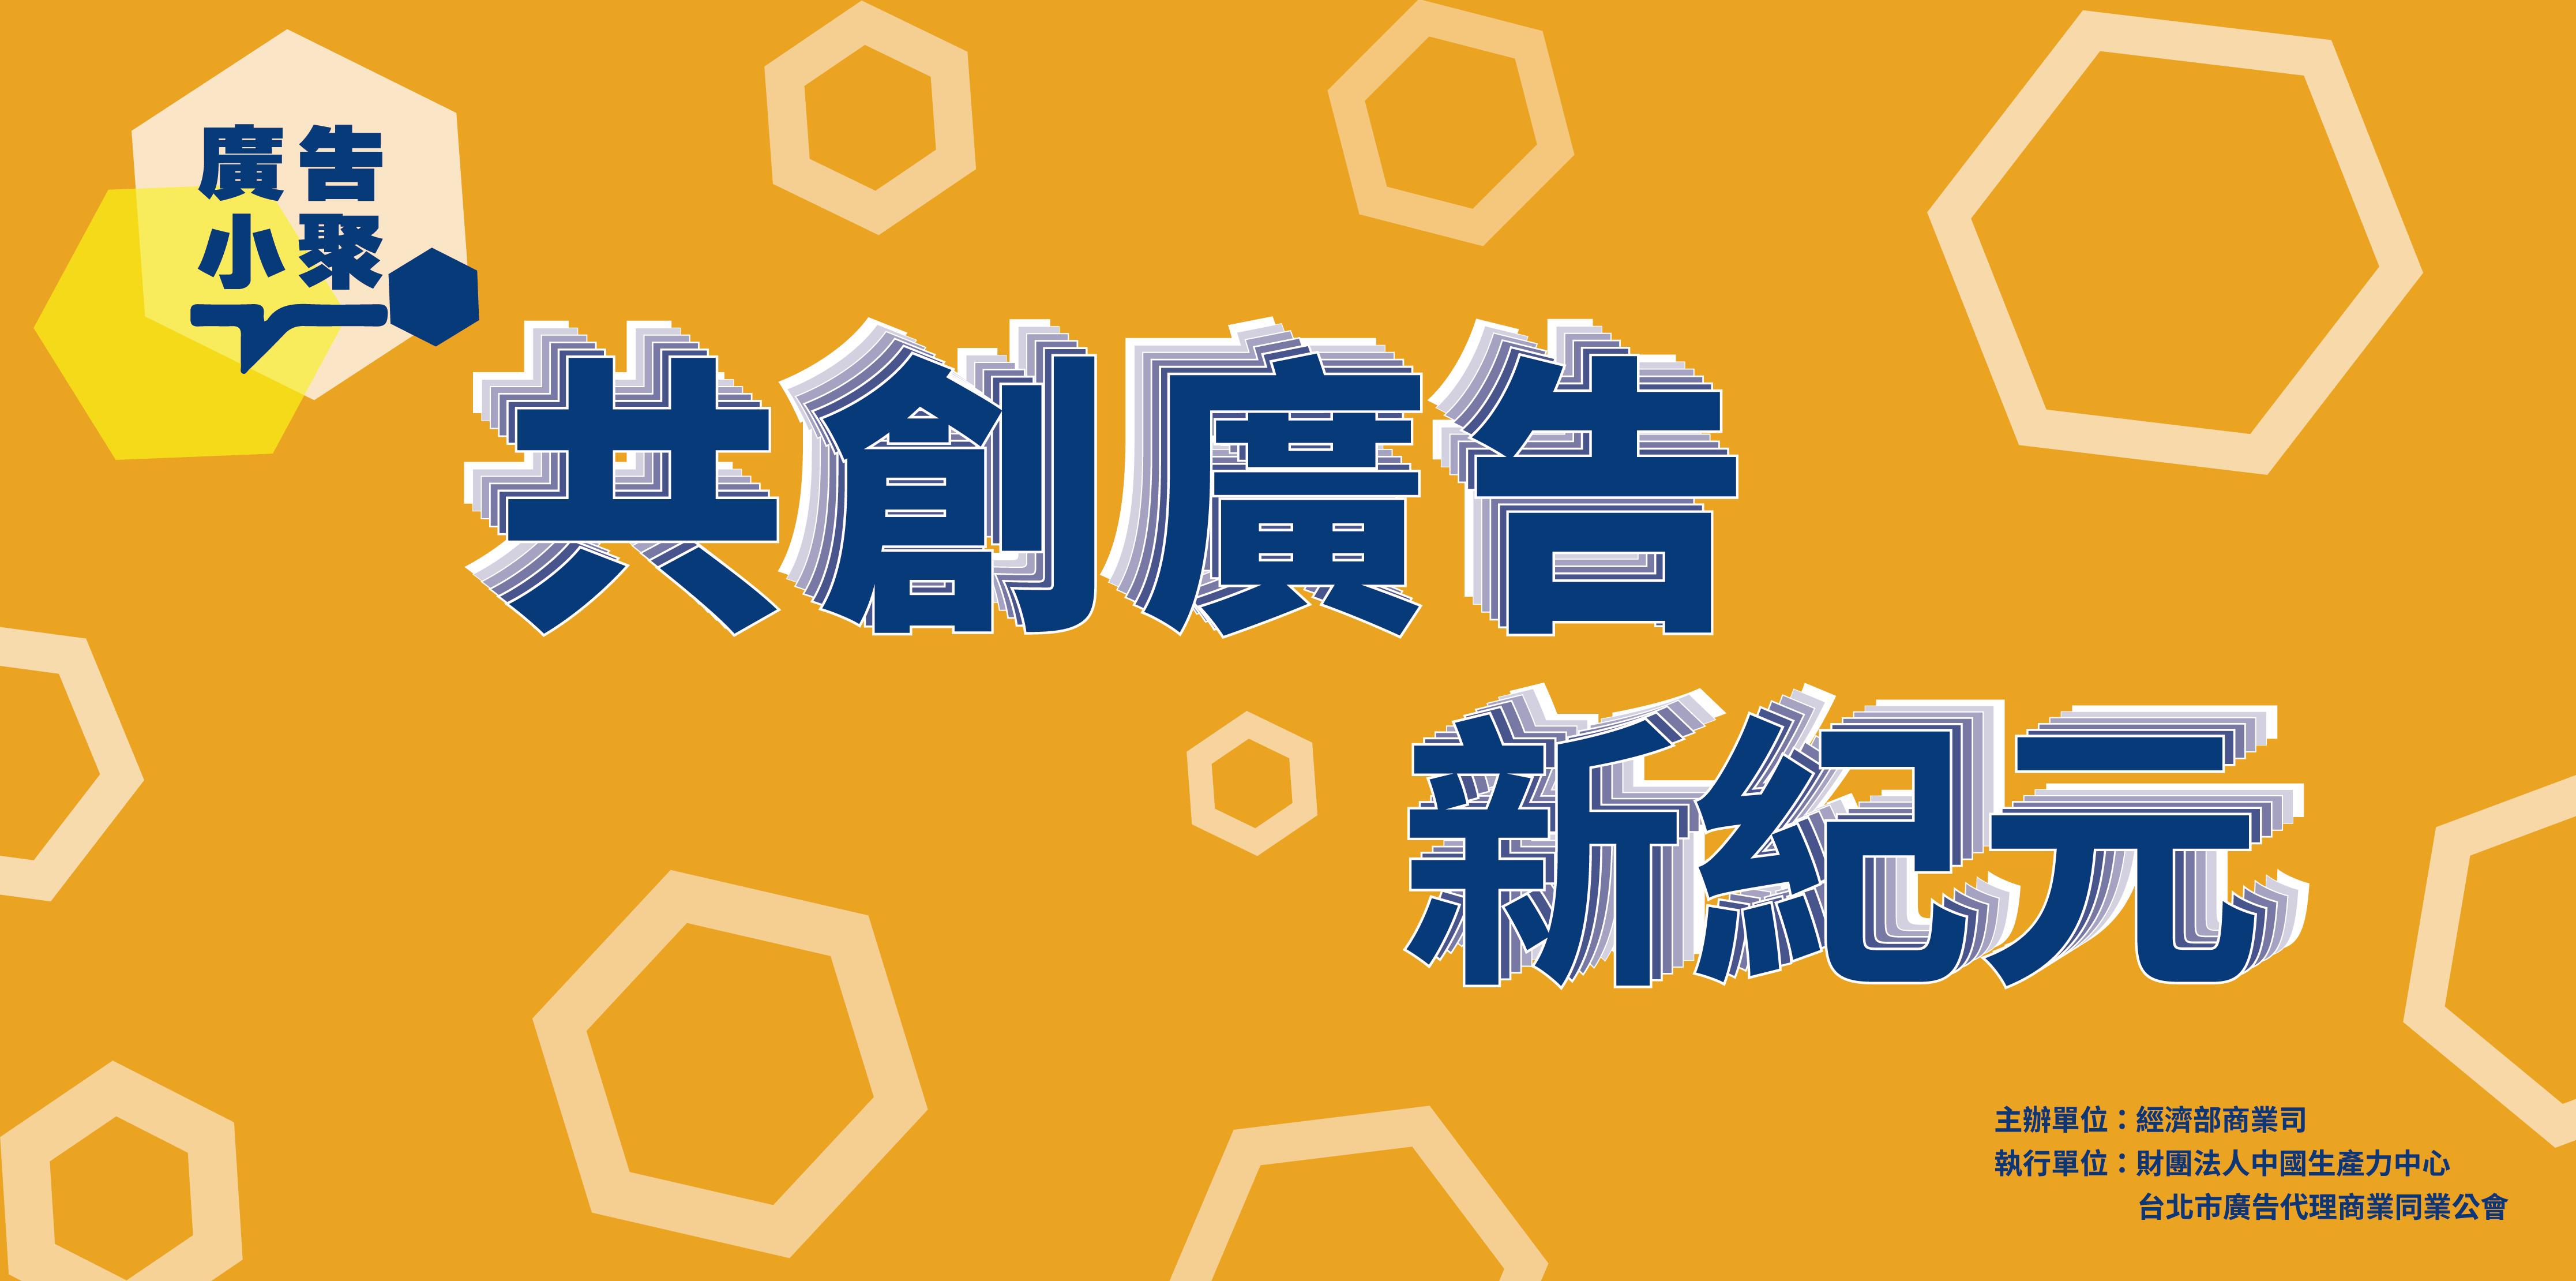 11/26(四) 廣告小聚第三場「青年 x 創意力」壓軸登場